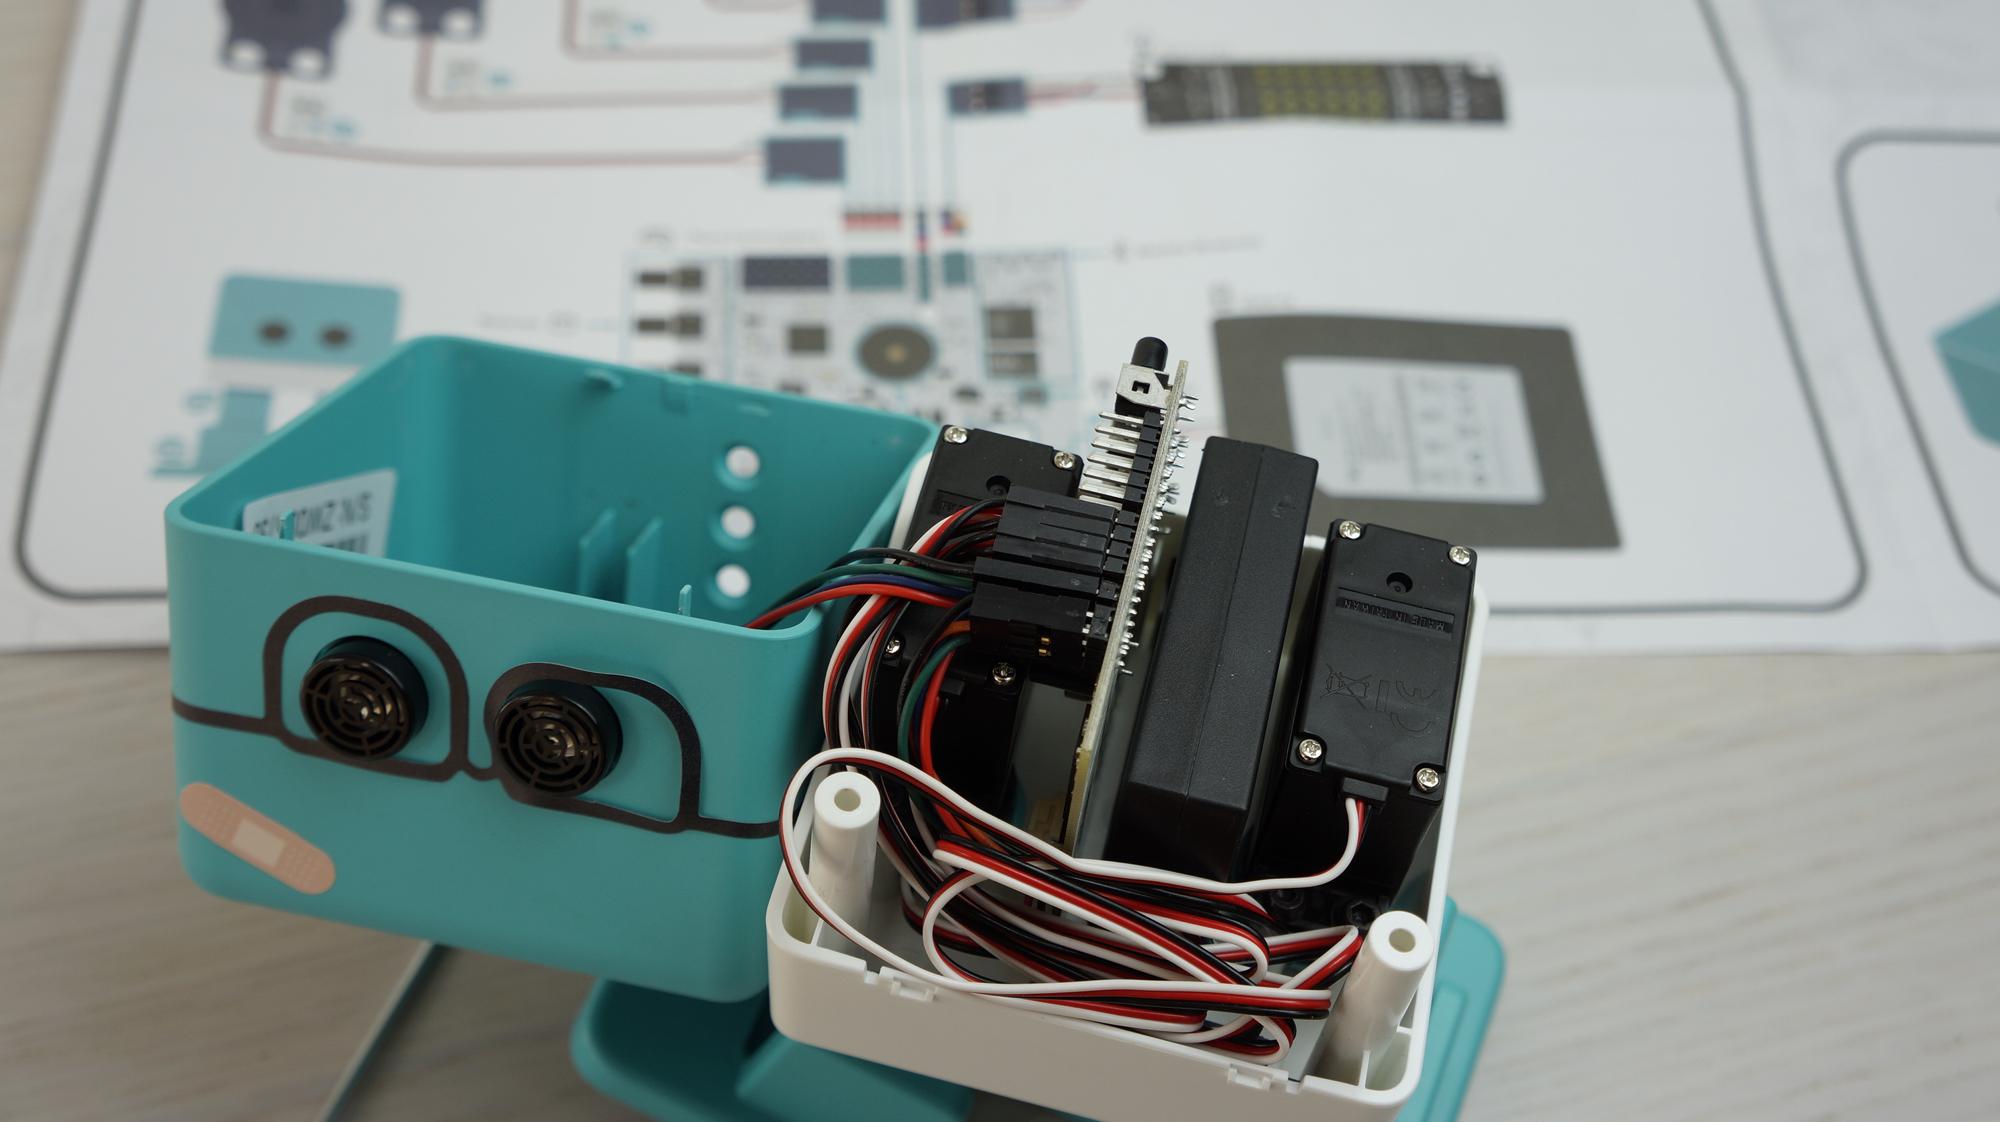 Probamos zowi un robot con cerebro arduino que puede dar